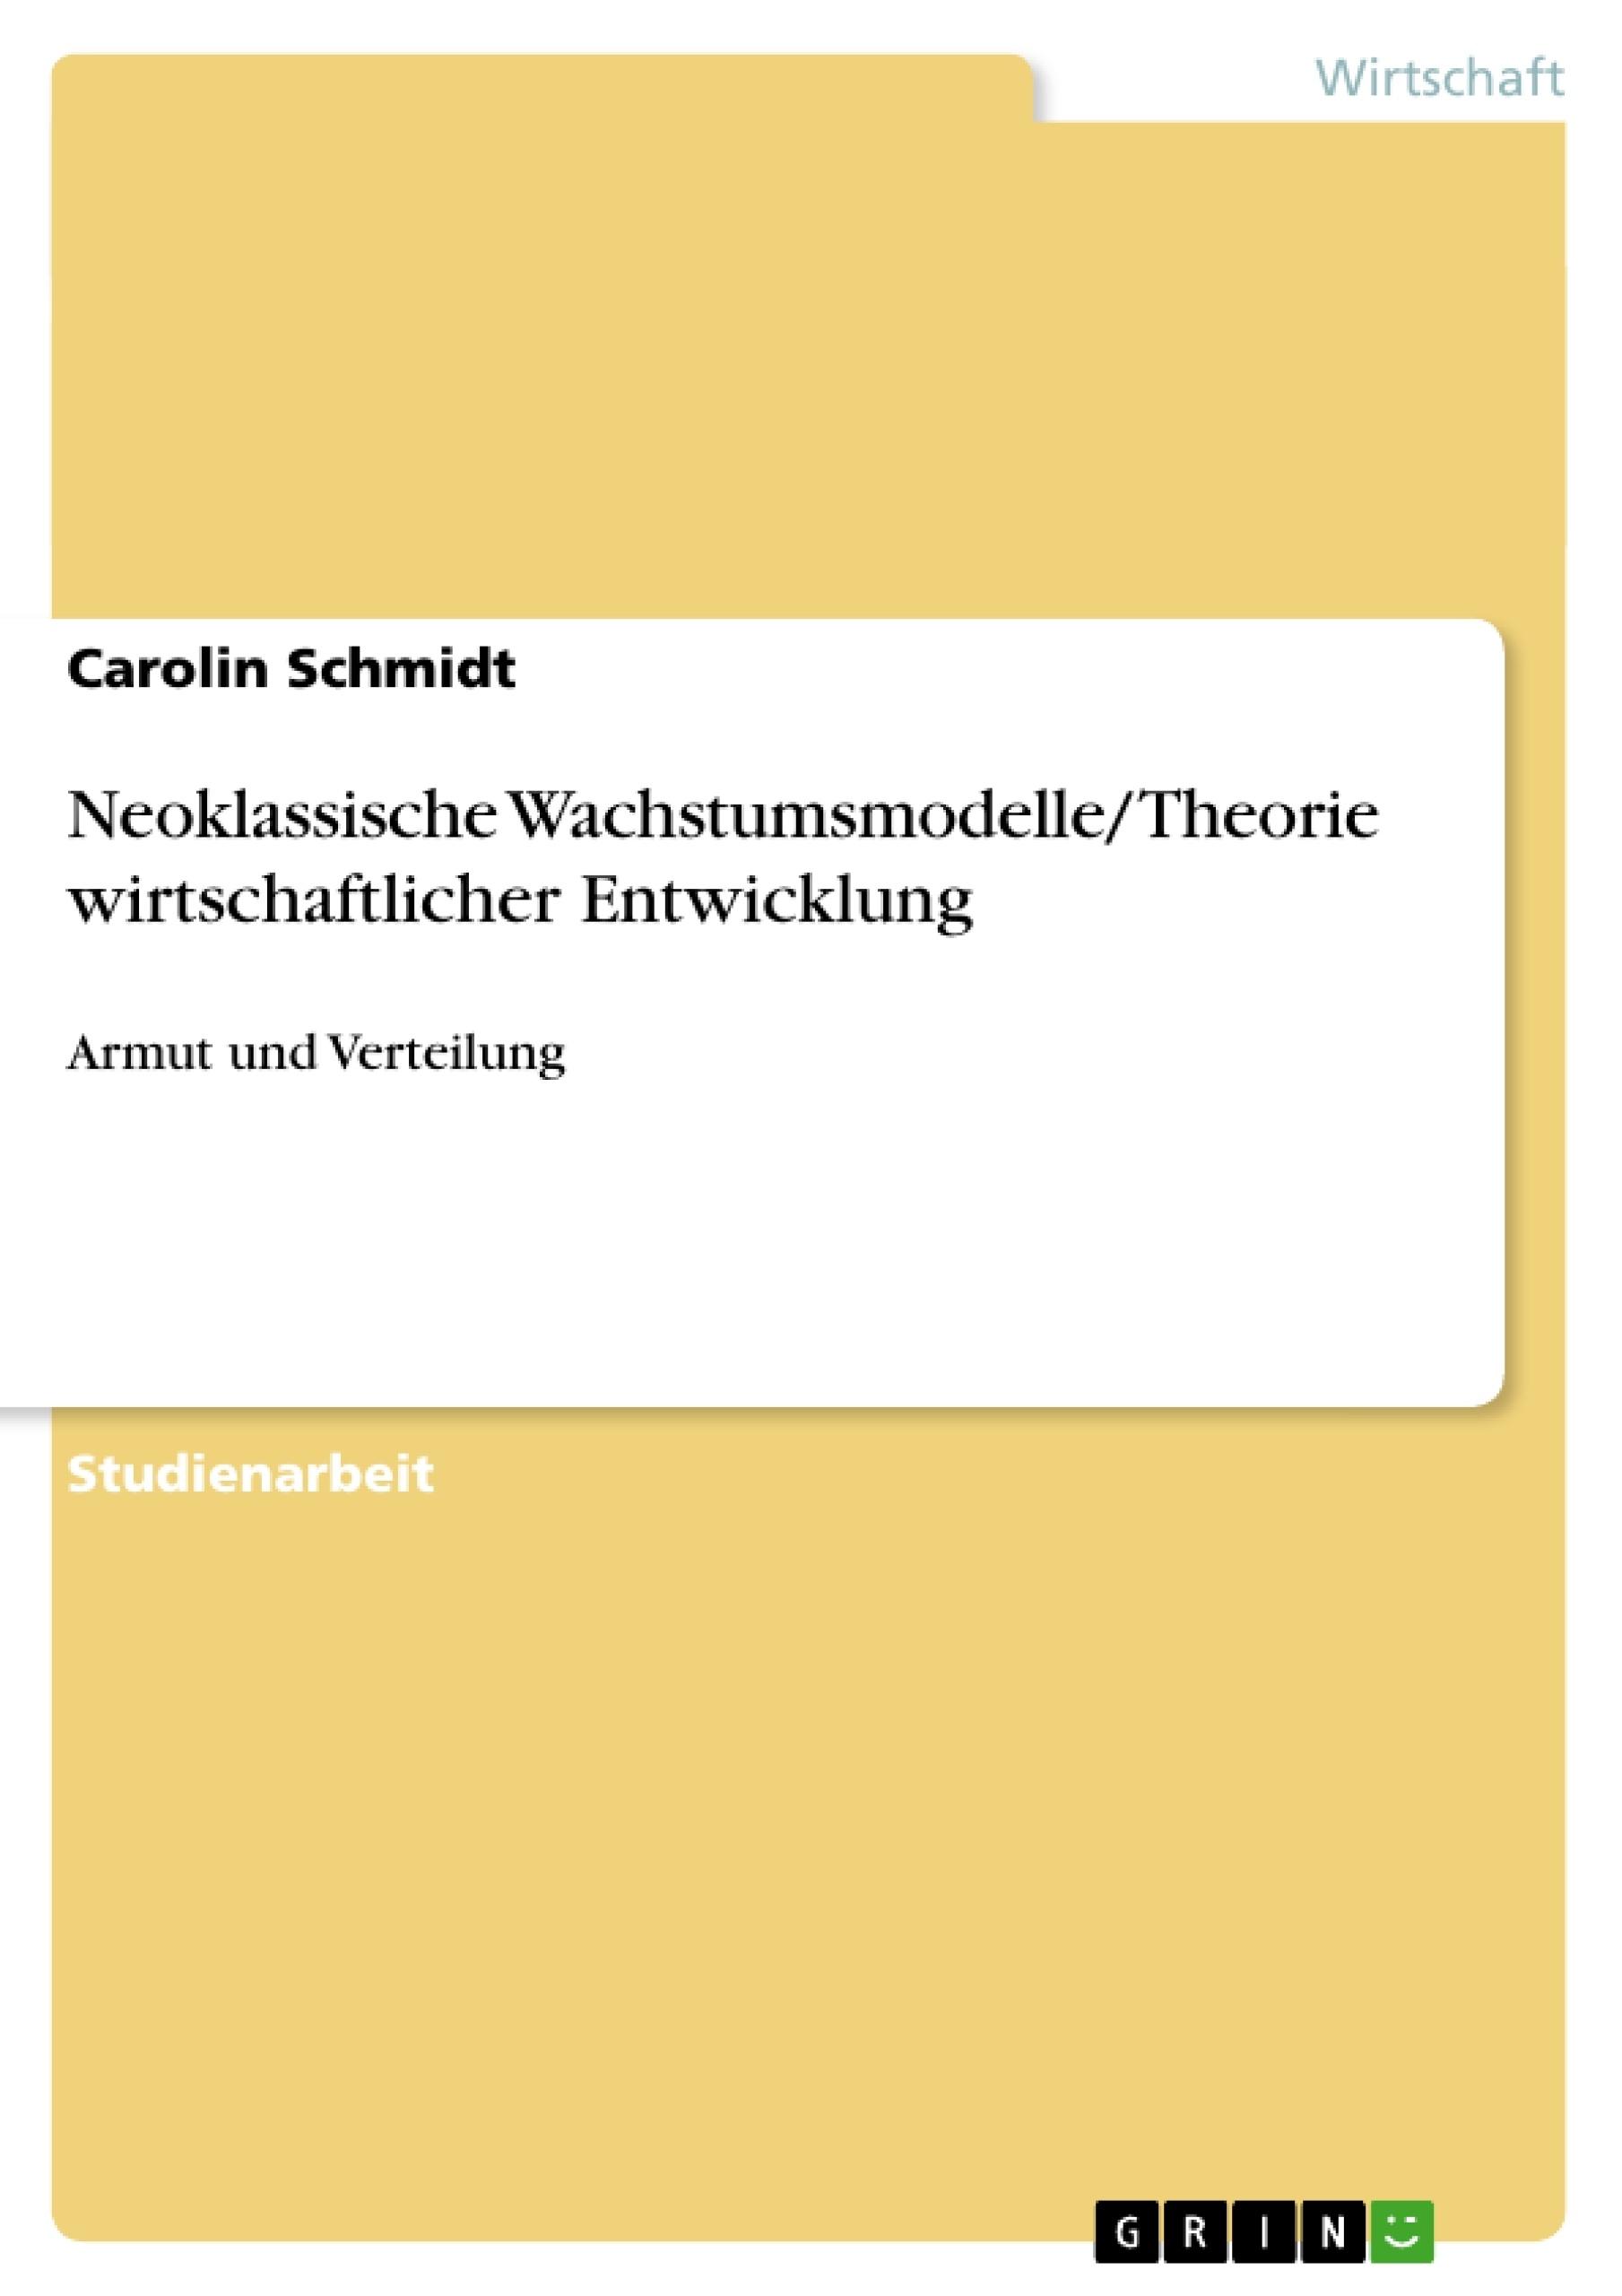 Titel: Neoklassische Wachstumsmodelle/ Theorie wirtschaftlicher Entwicklung